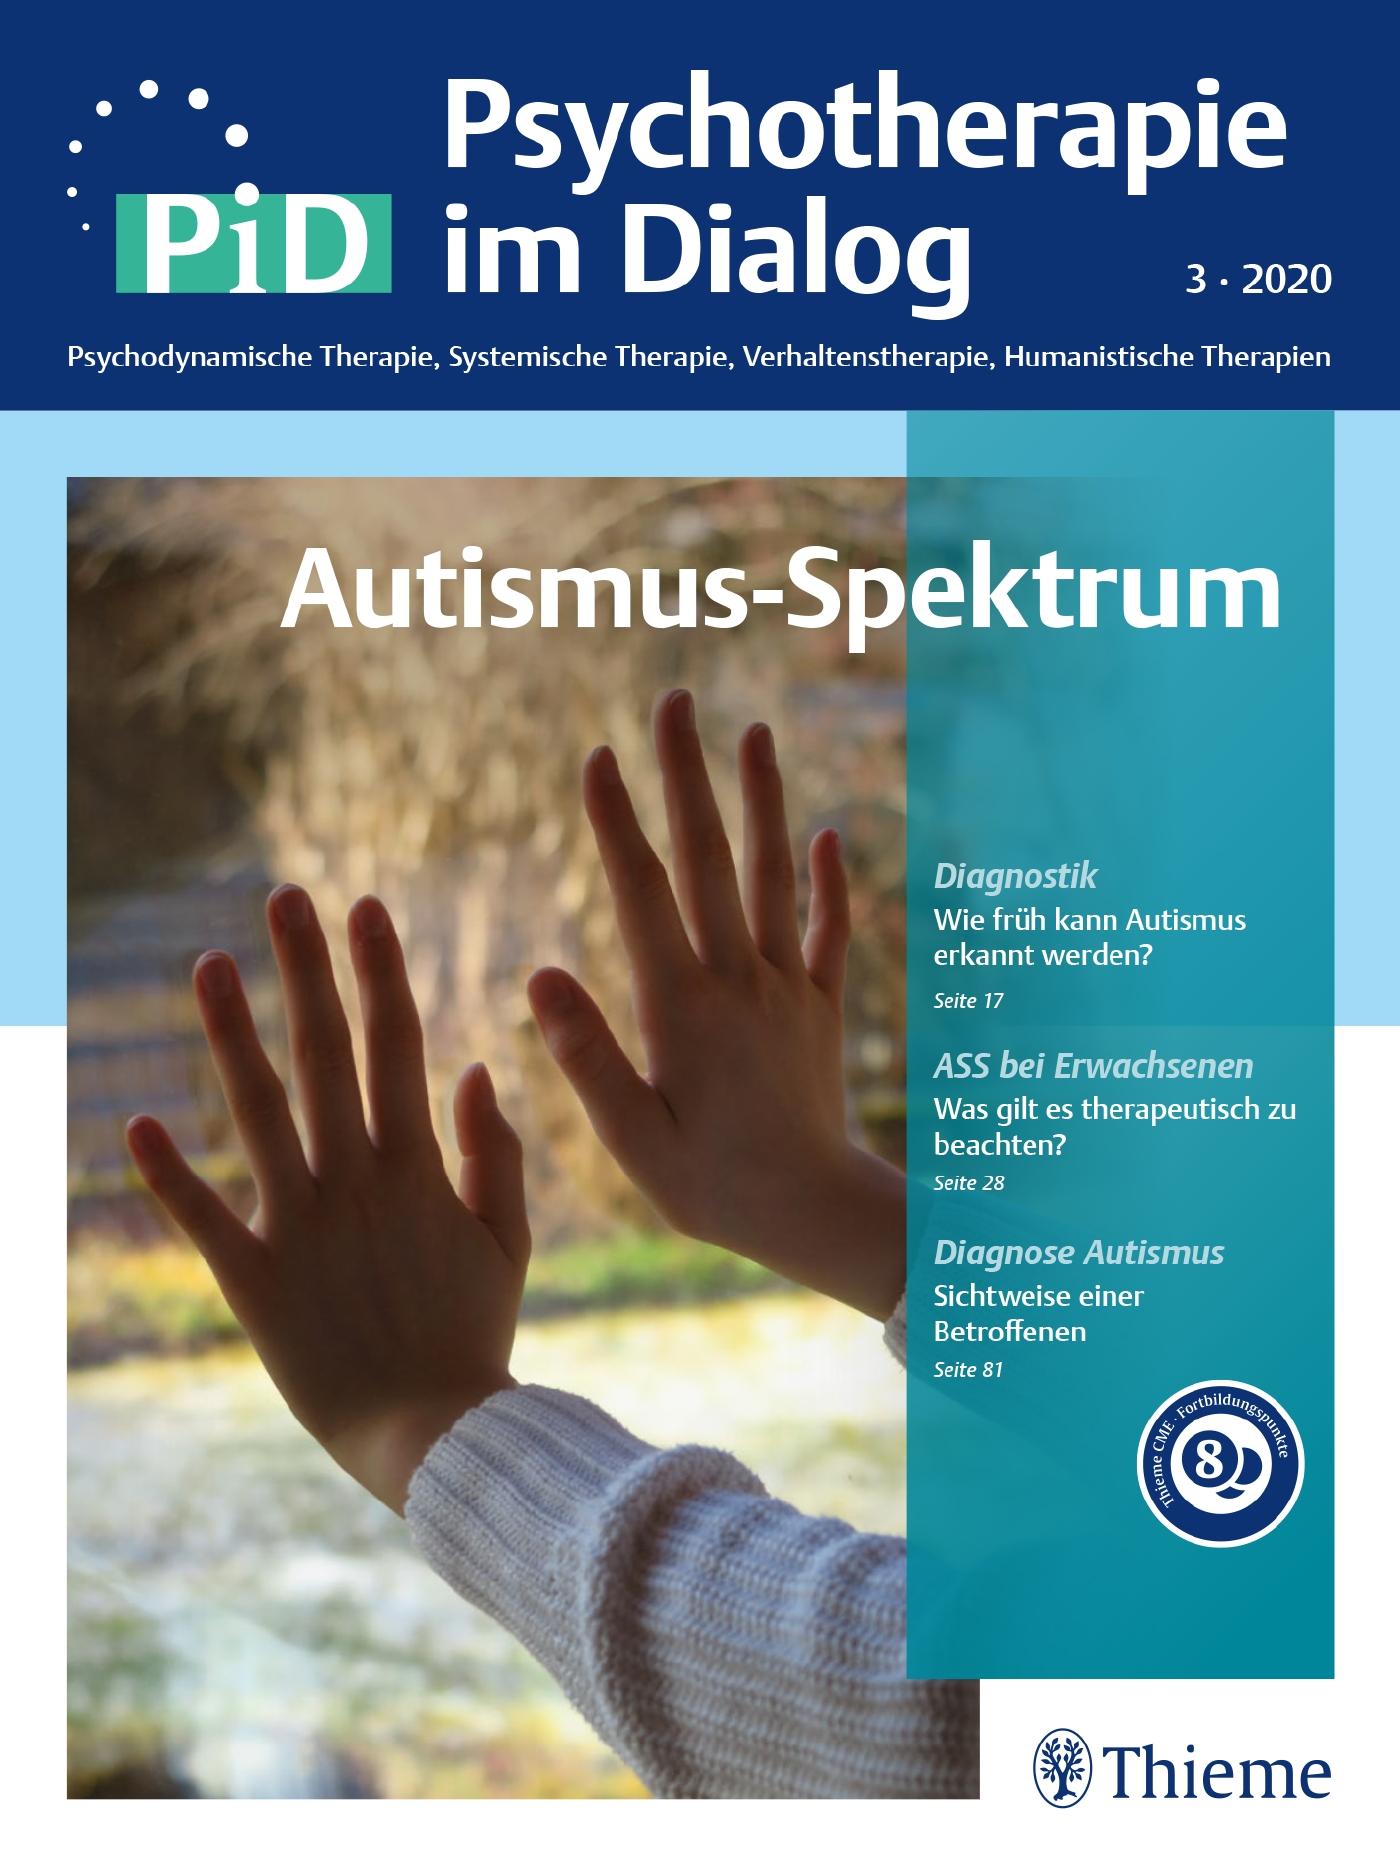 Autismus-Spektrum